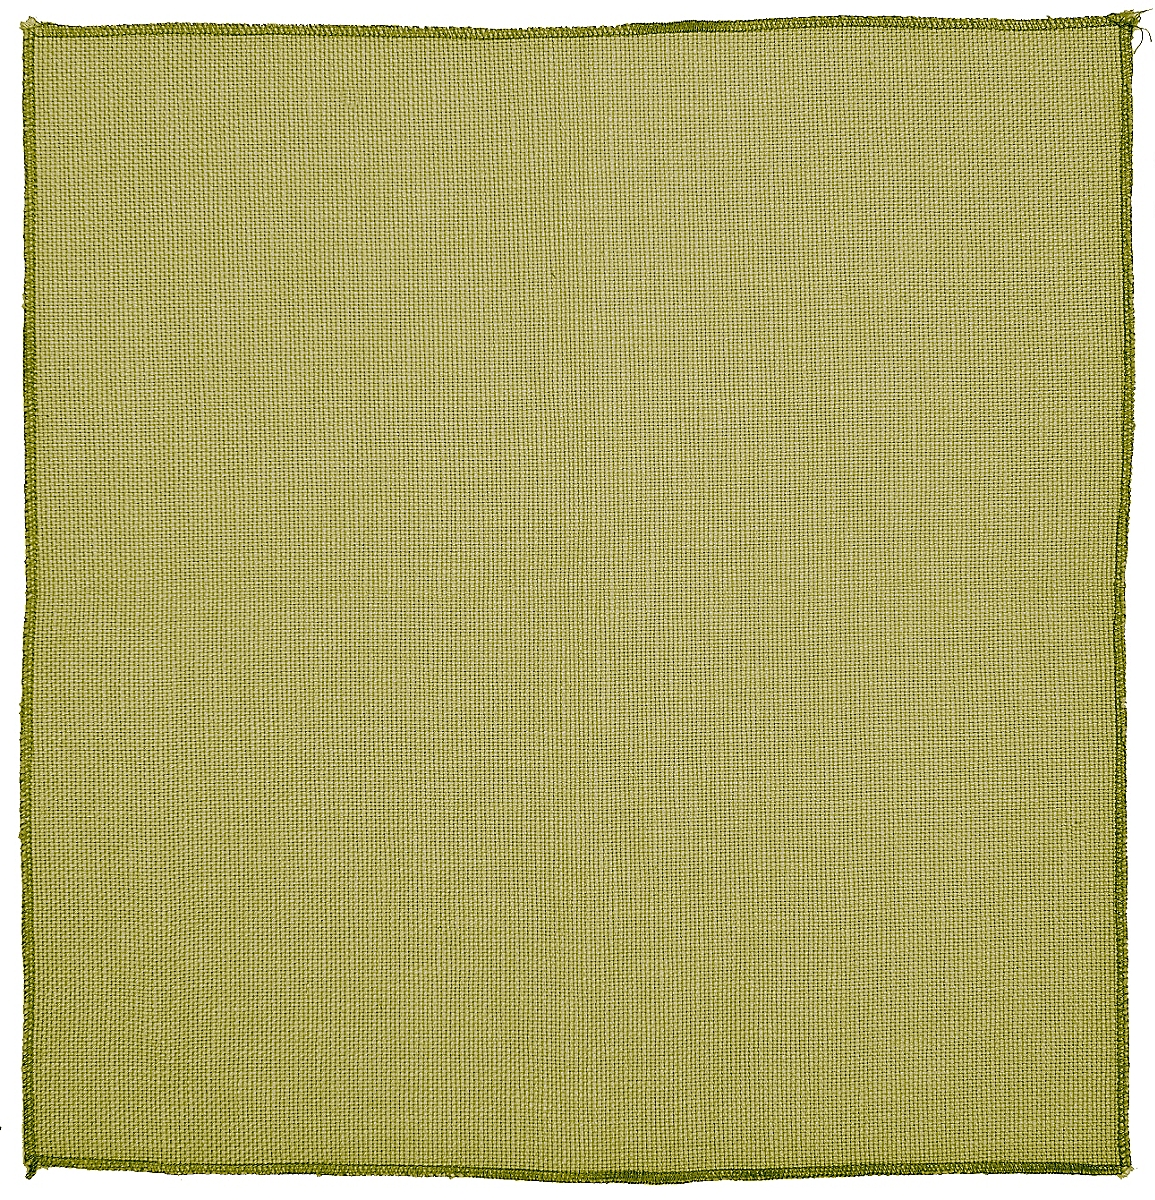 Basket: Pear (fabric yardage)